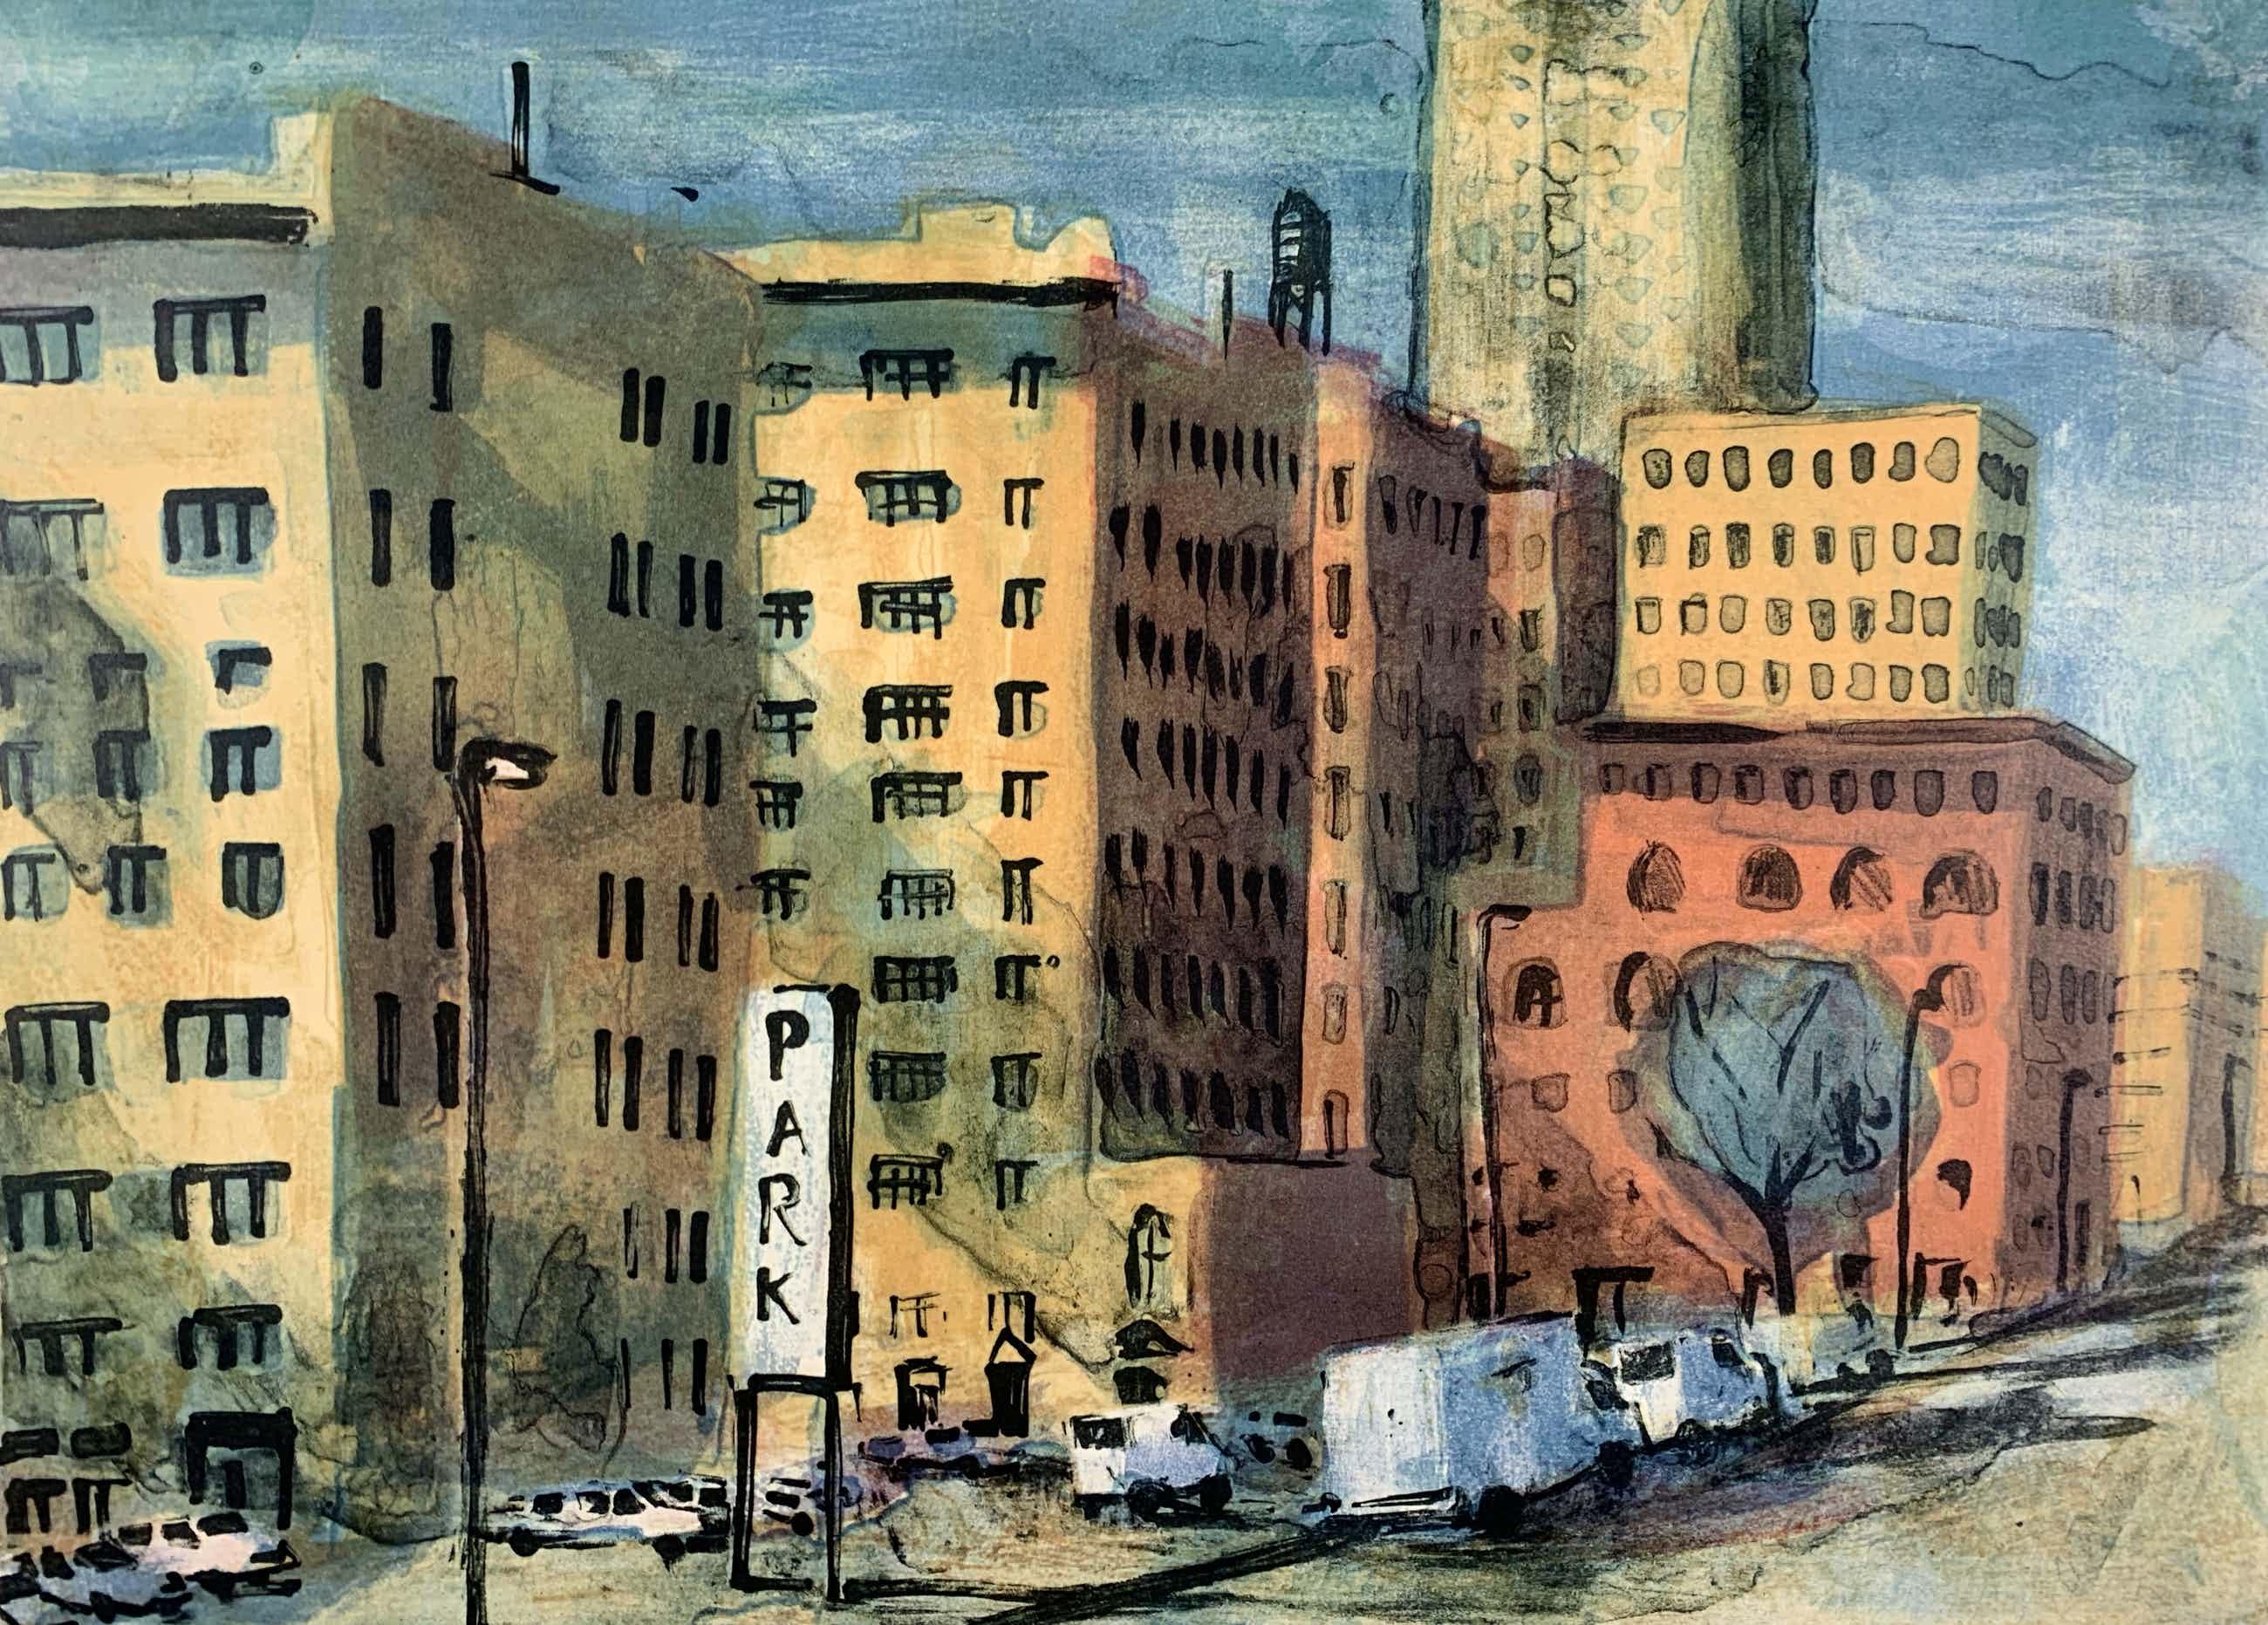 Jeroen Hermkens - Kleurenlitho - 'New York, Sixth Avenue' - 1995 kopen? Bied vanaf 80!